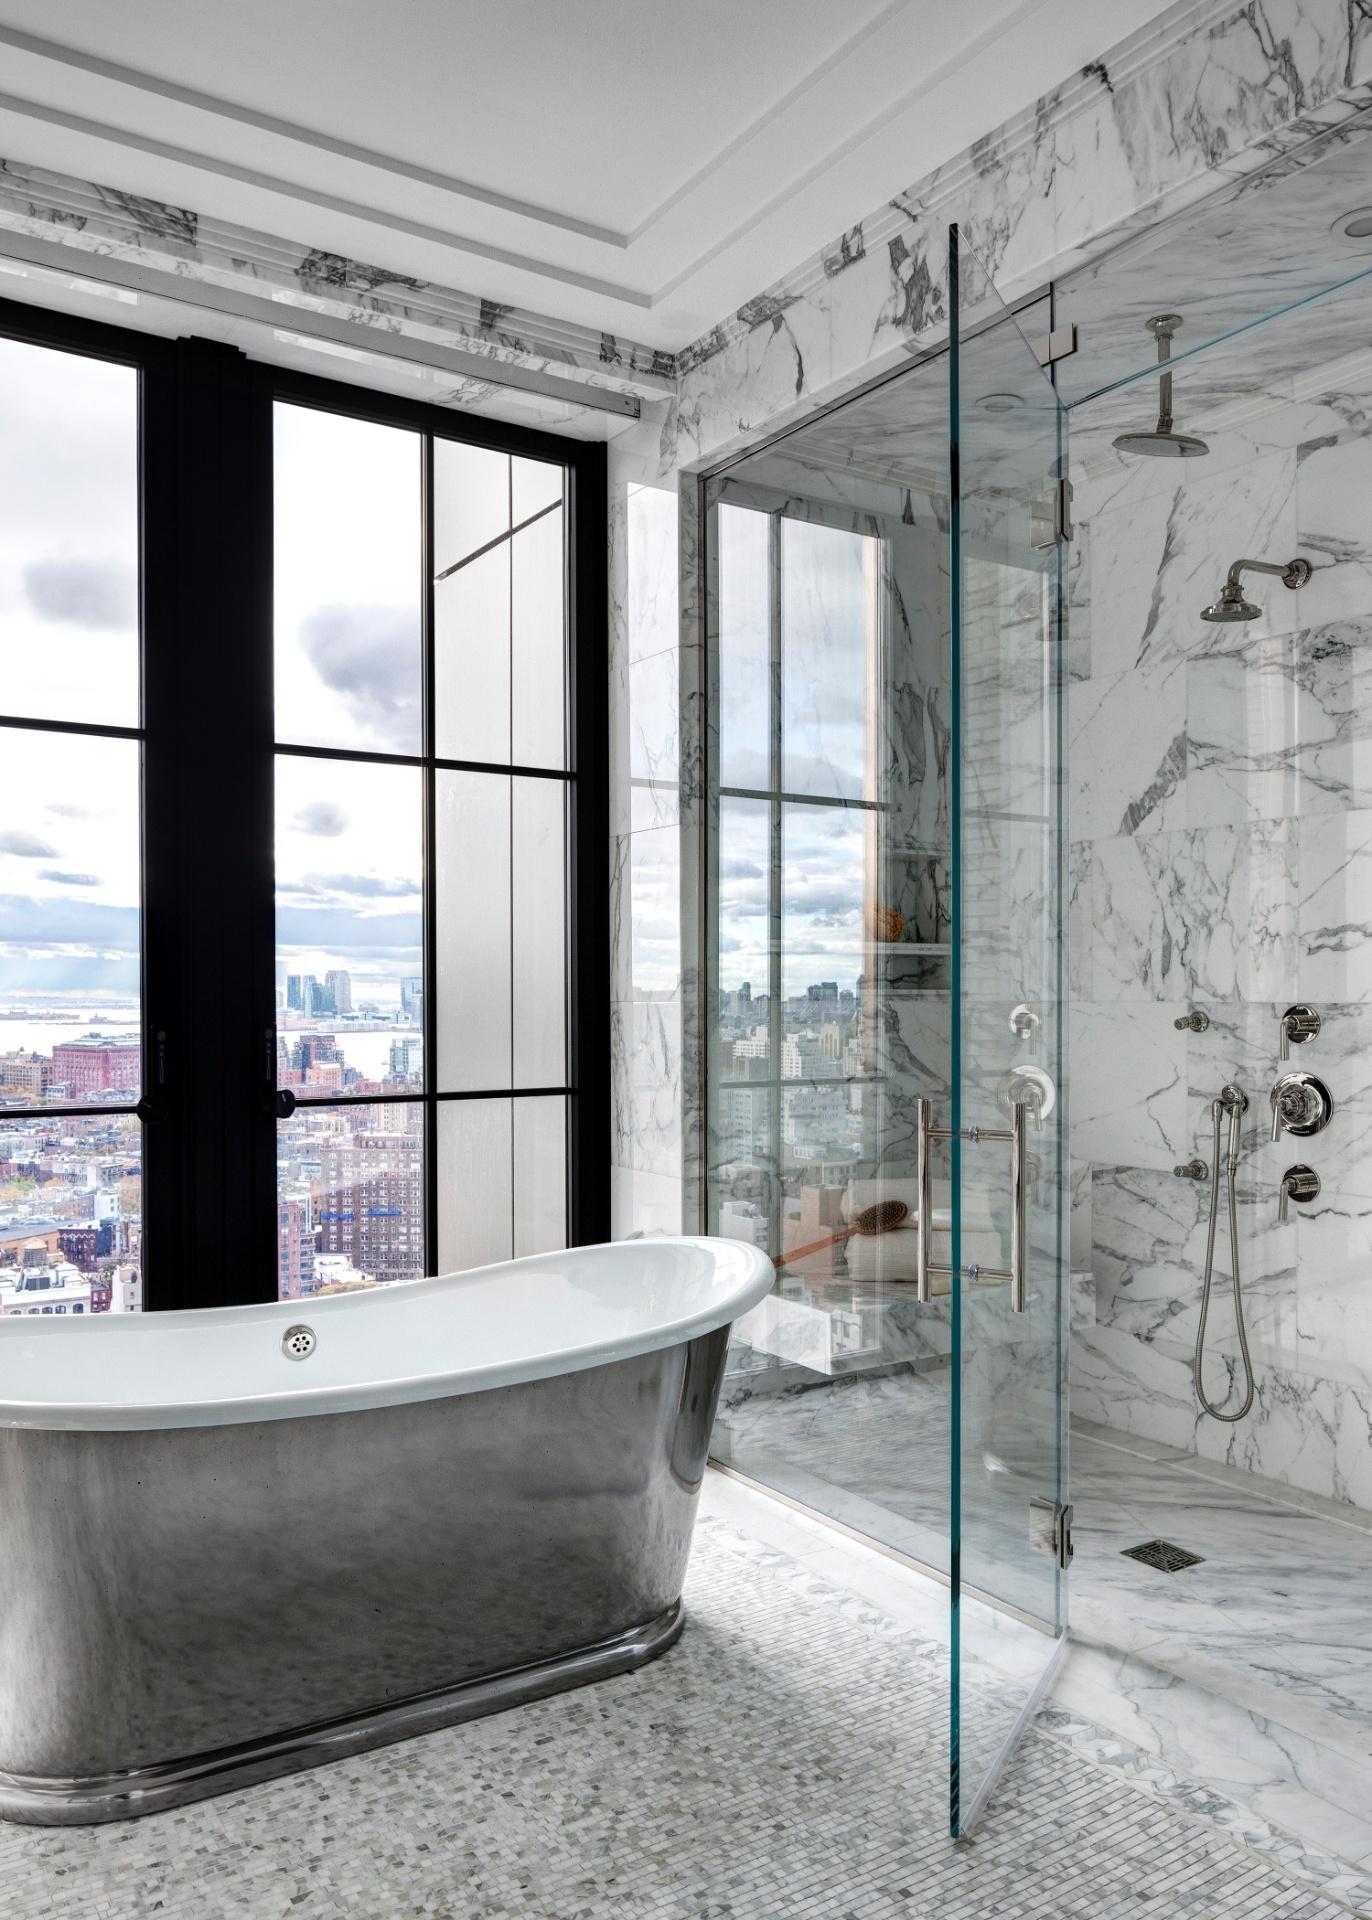 No edifício Walker Tower, localizado na rua 18th West, o banheiro da cobertura é revestido por mármore e tem portas-balcão com envidraçamento generoso. Em frente a uma delas, está posicionada uma elegante banheira com acabamento externo metálico. À direita, no ambiente, uma cabine para banho - Imagem do NYT, usar apenas no respectivo material